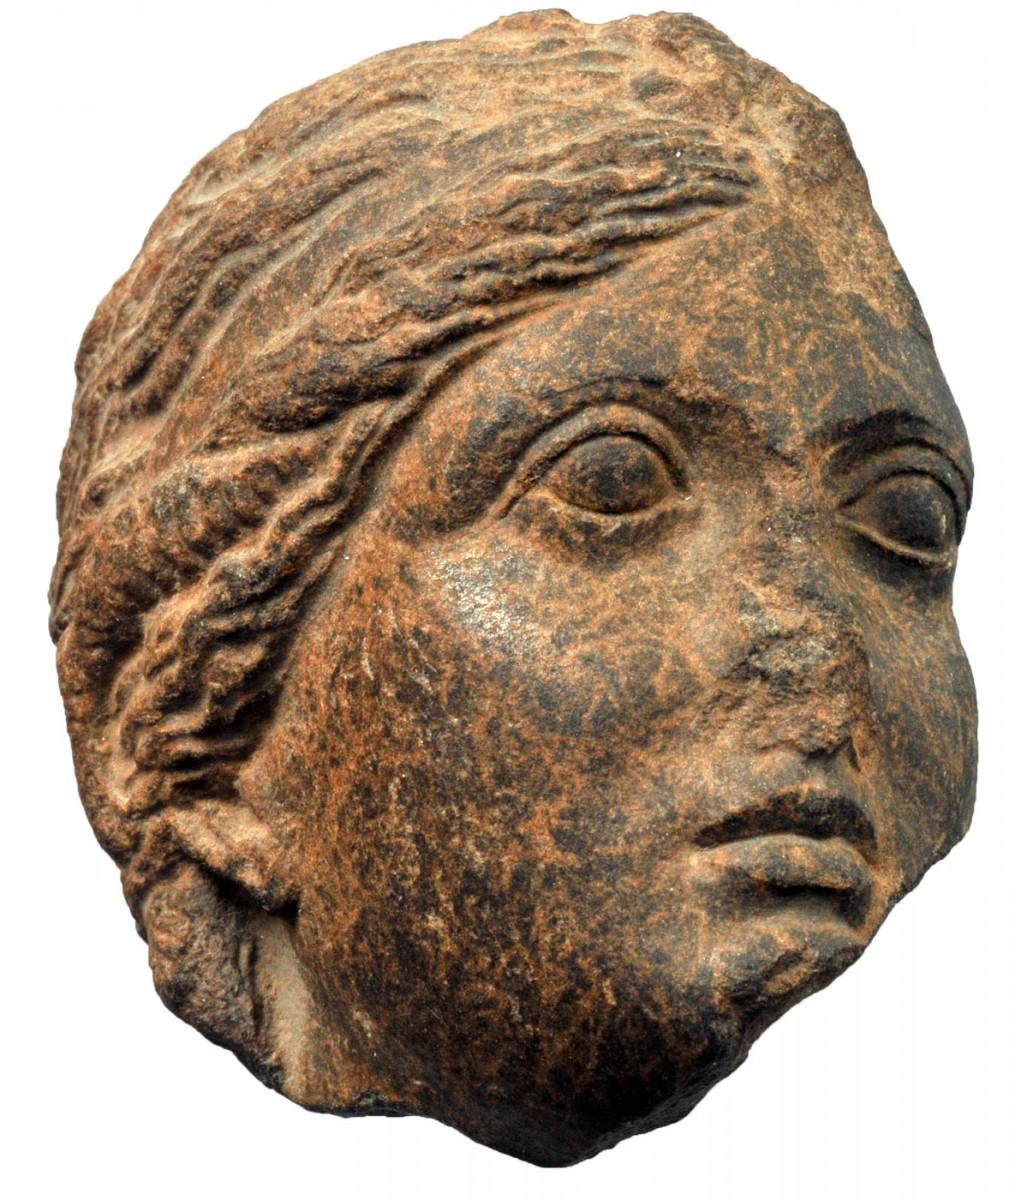 Αρσινόη Β', Βασίλισσα της Θράκης, της Μακεδονίας και της Αιγύπτου. Περίπου 316-270 π.Χ. Εθνικό Αρχαιολογικό Μουσείο.